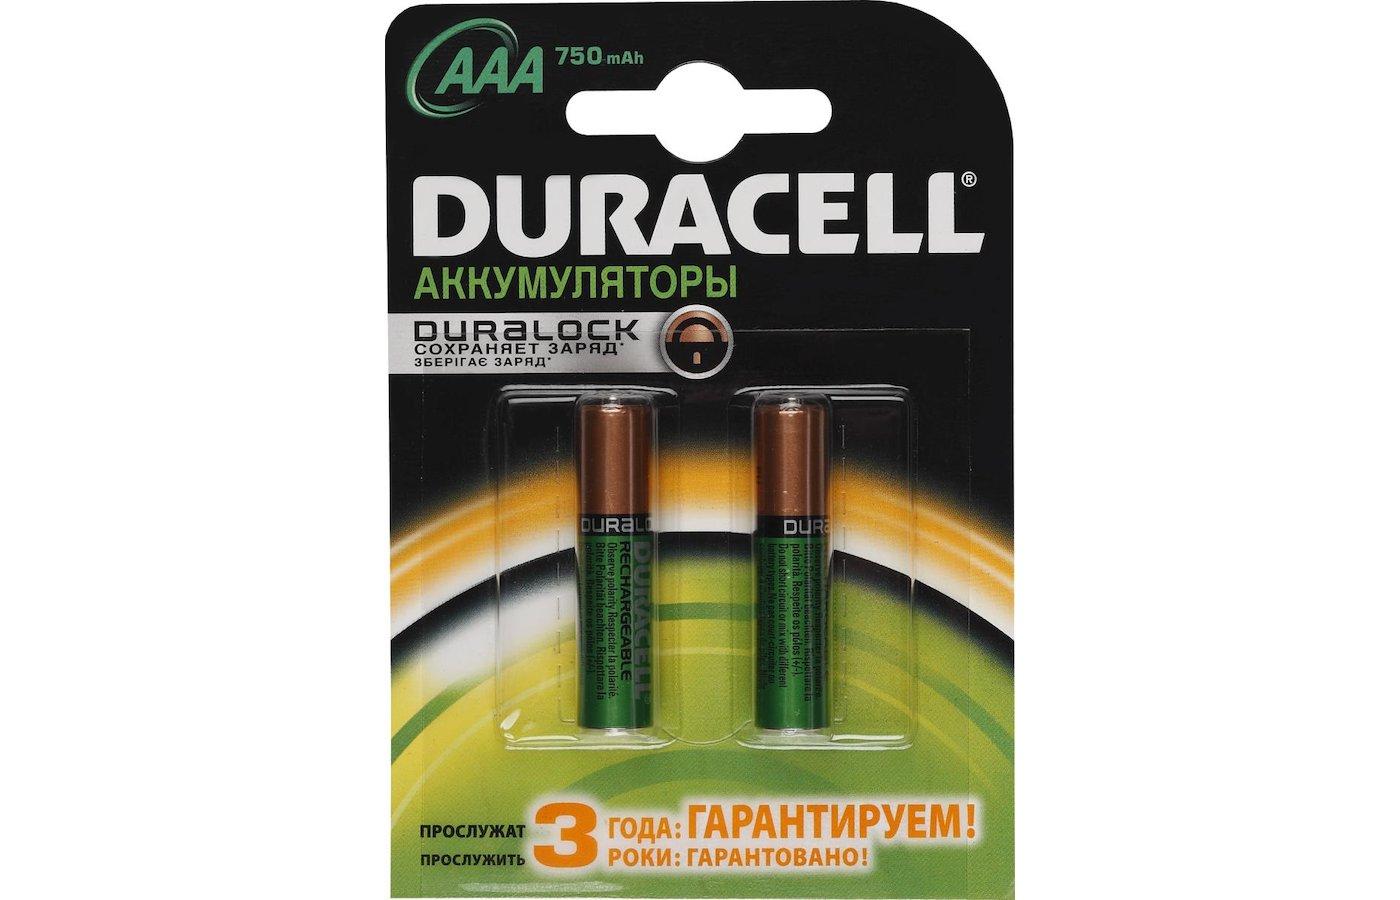 Аккумулятор Duracell AAA 750mAh Ni-Mh 2шт. (HR03-2BL)